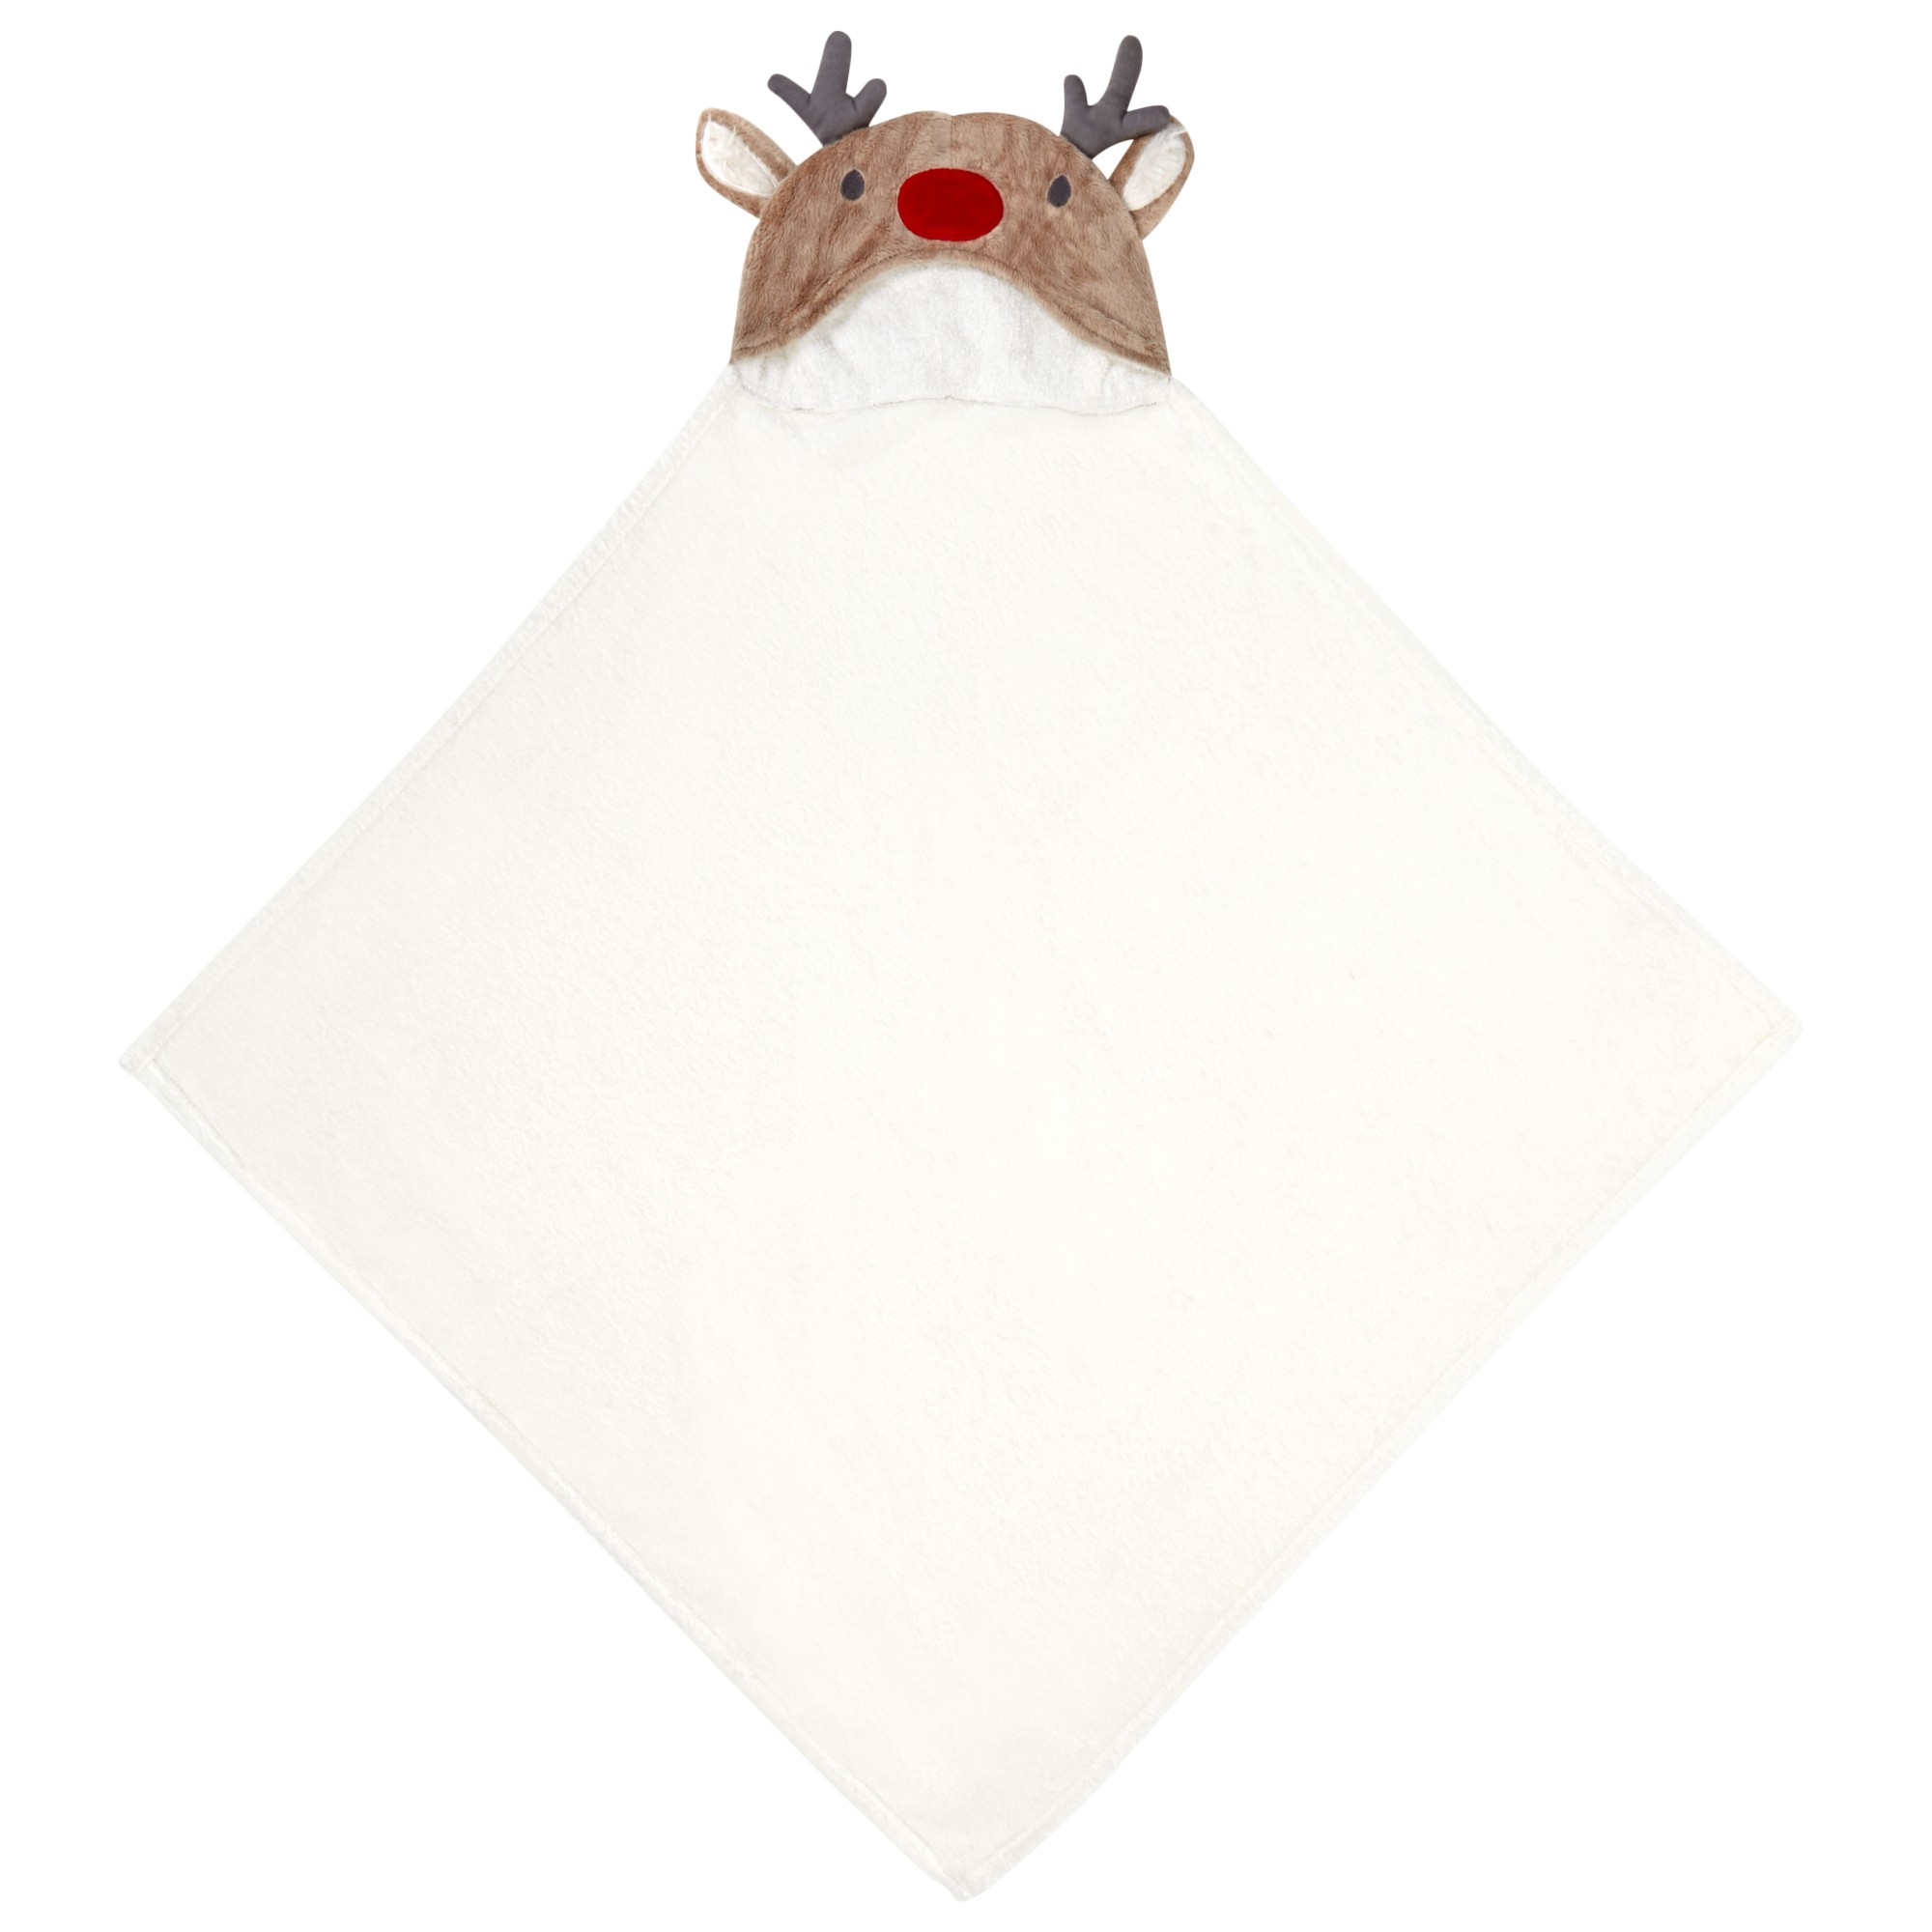 John Lewis Baby's Reindeer Hooded Christmas Towel